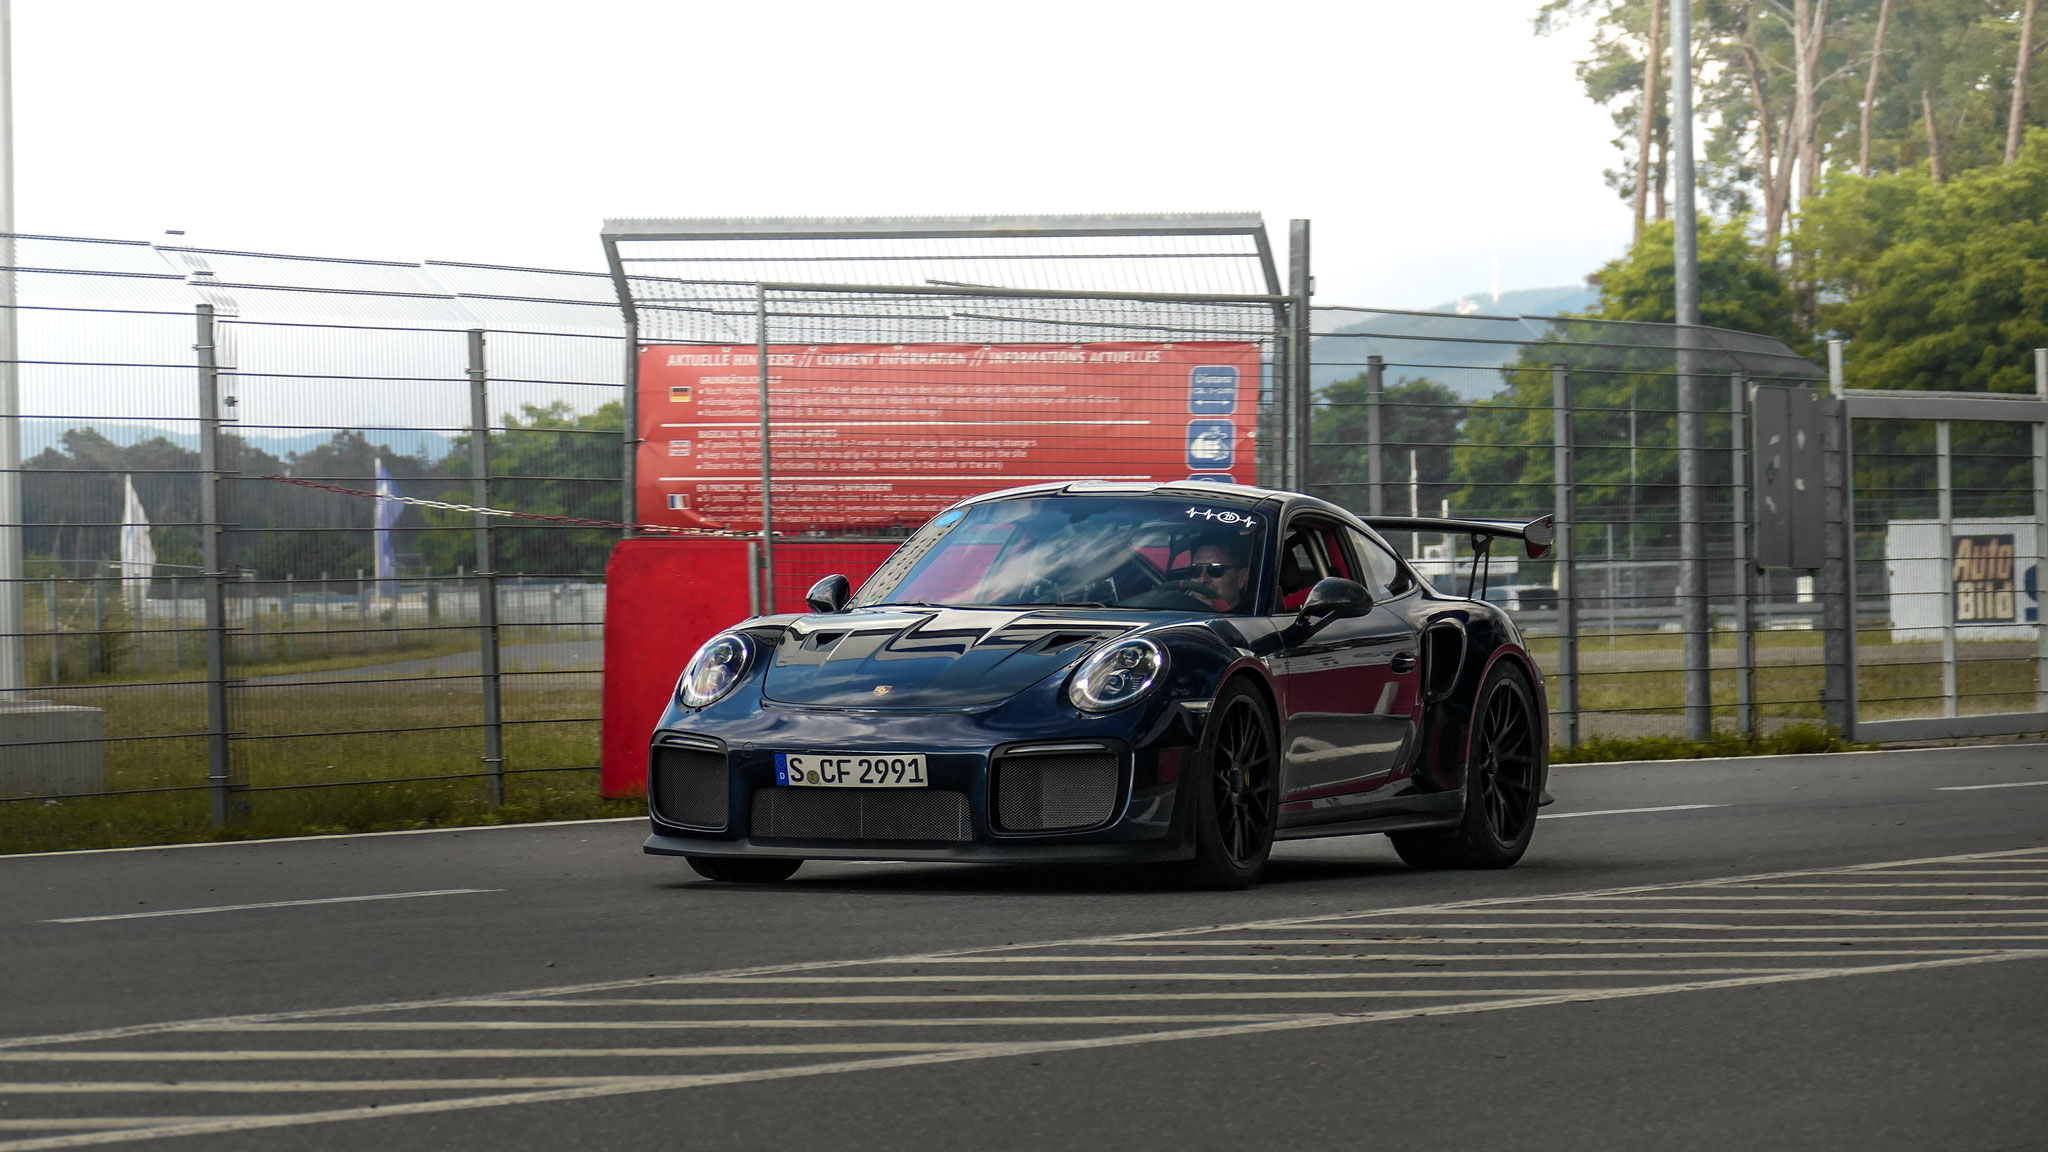 Porsche GT2 RS - S-CF-2991